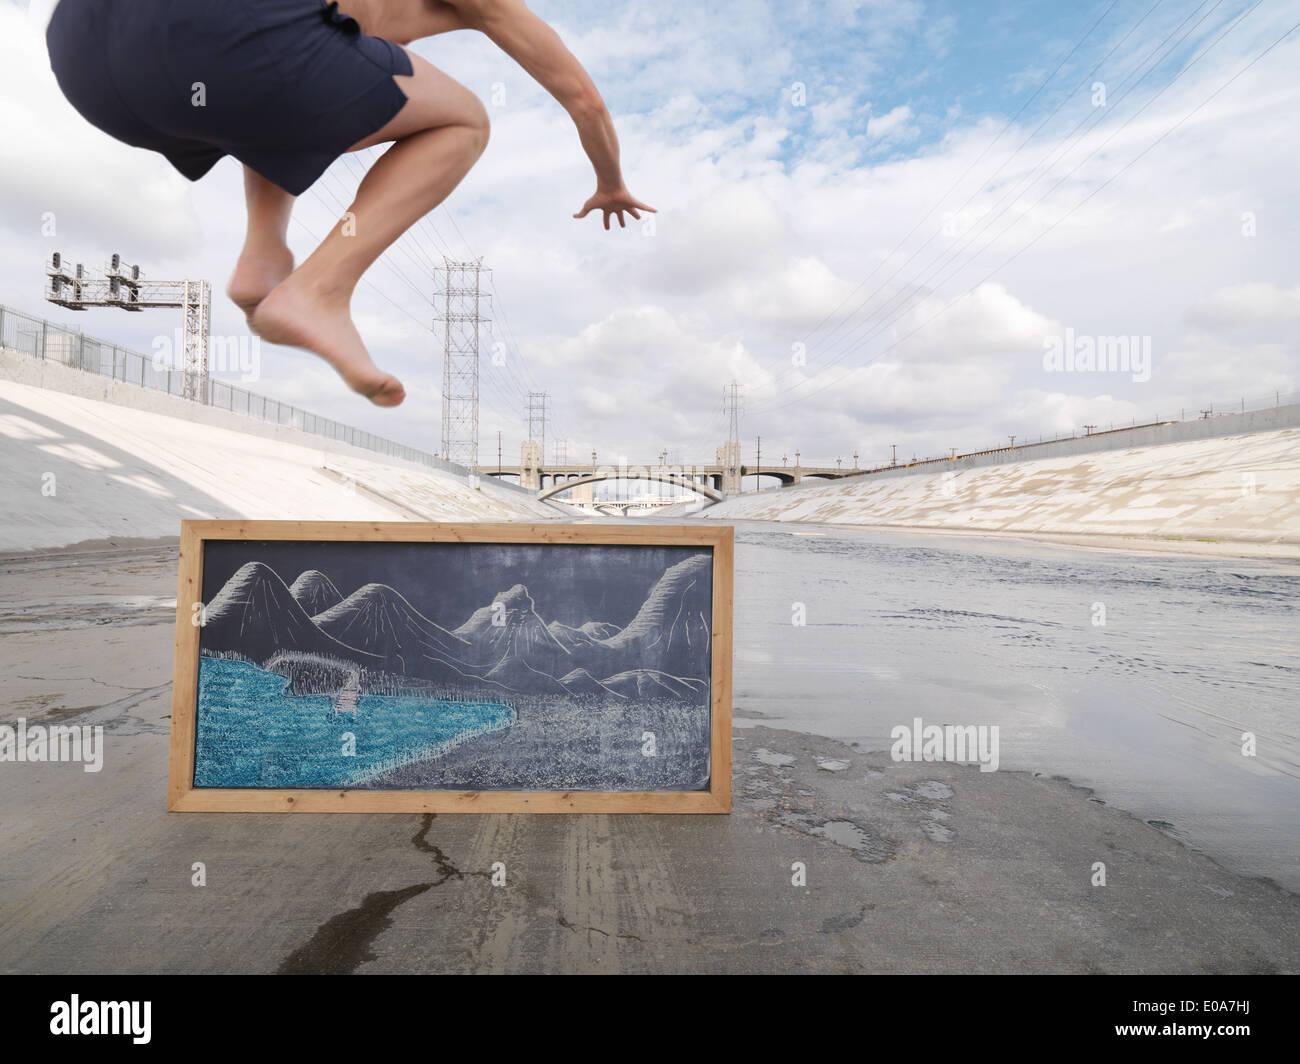 El hombre fingiendo saltar en el lago, río de Los Angeles, Los Angeles, California, EE.UU. Foto de stock